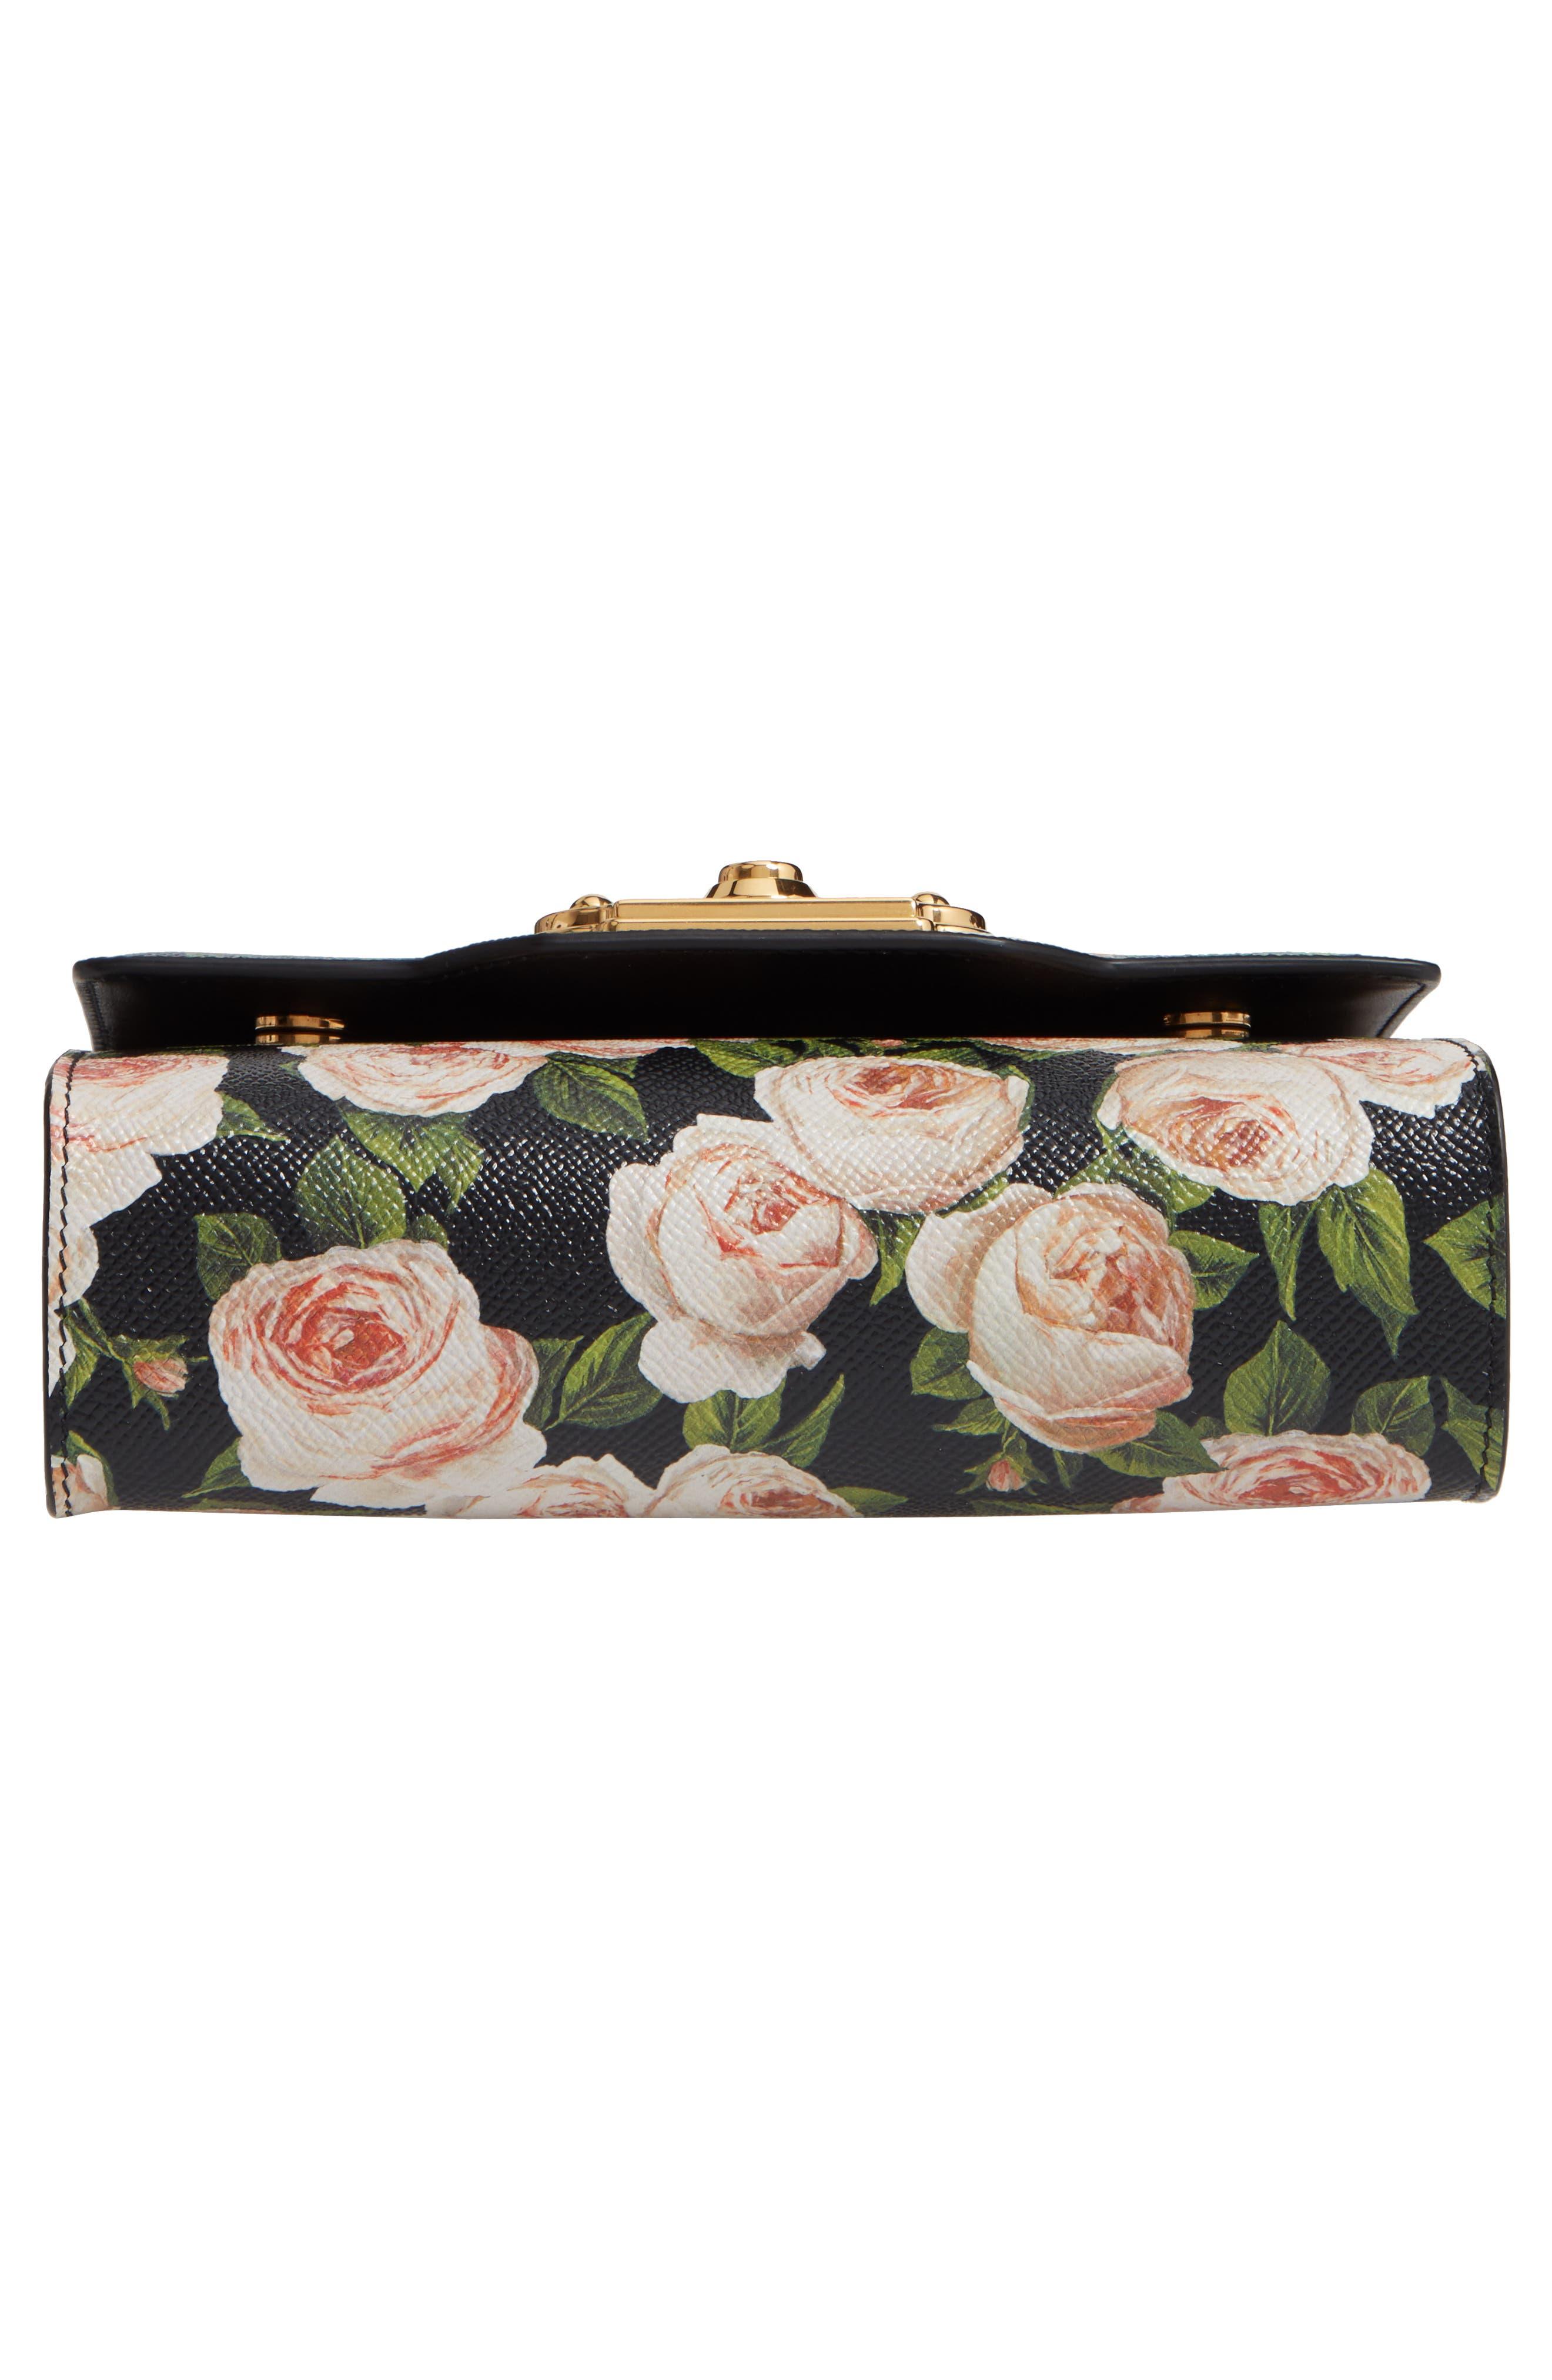 DOLCE&GABBANA, Rose Print Calfskin Leather Shoulder Bag, Alternate thumbnail 6, color, NERO/ ROSE